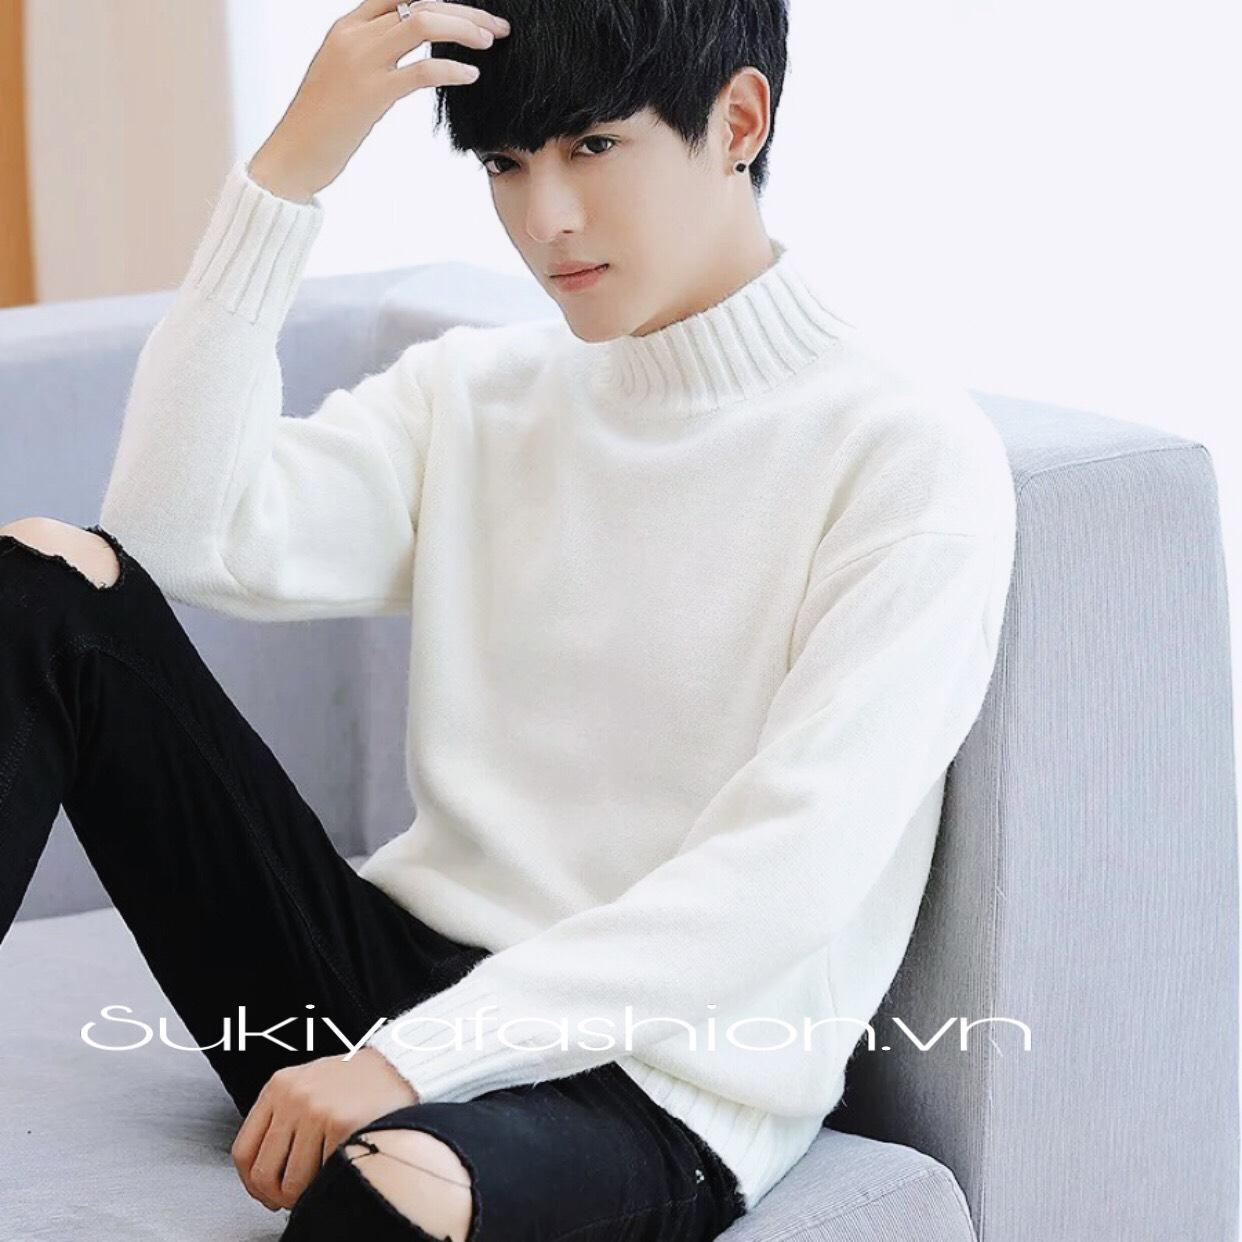 áo len nam cổ cao hàn quốc_sukiya 1